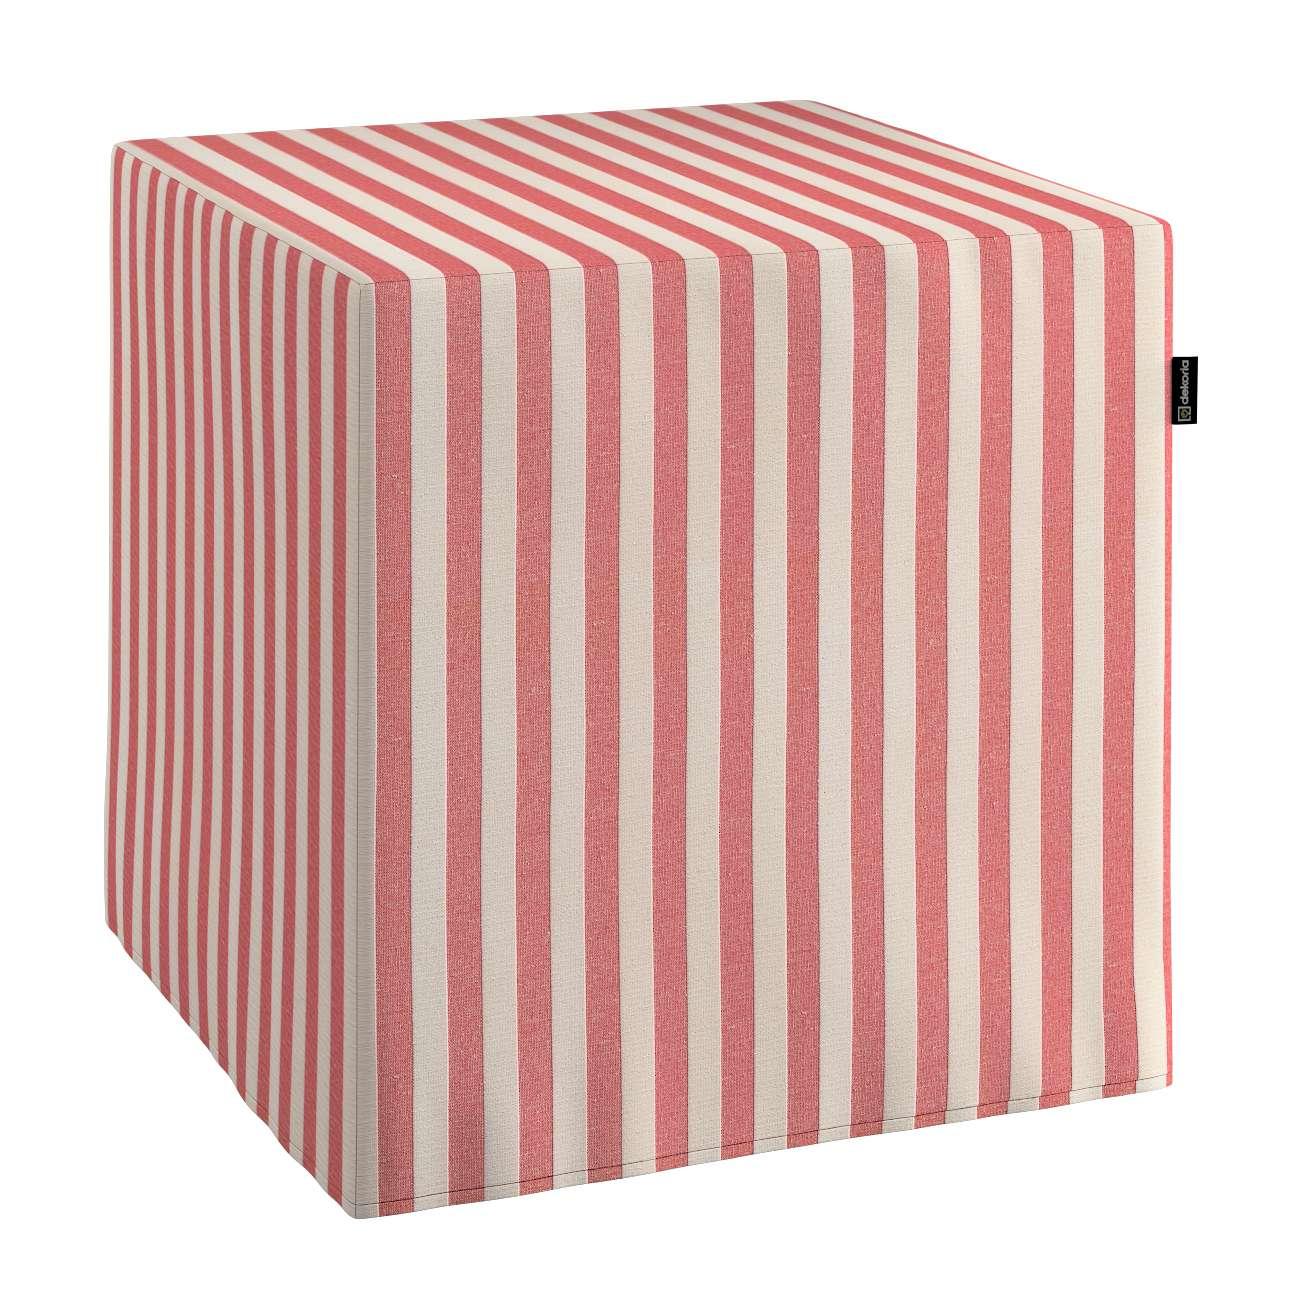 Sedák Cube - kostka pevná 40x40x40 v kolekci Quadro, látka: 136-17